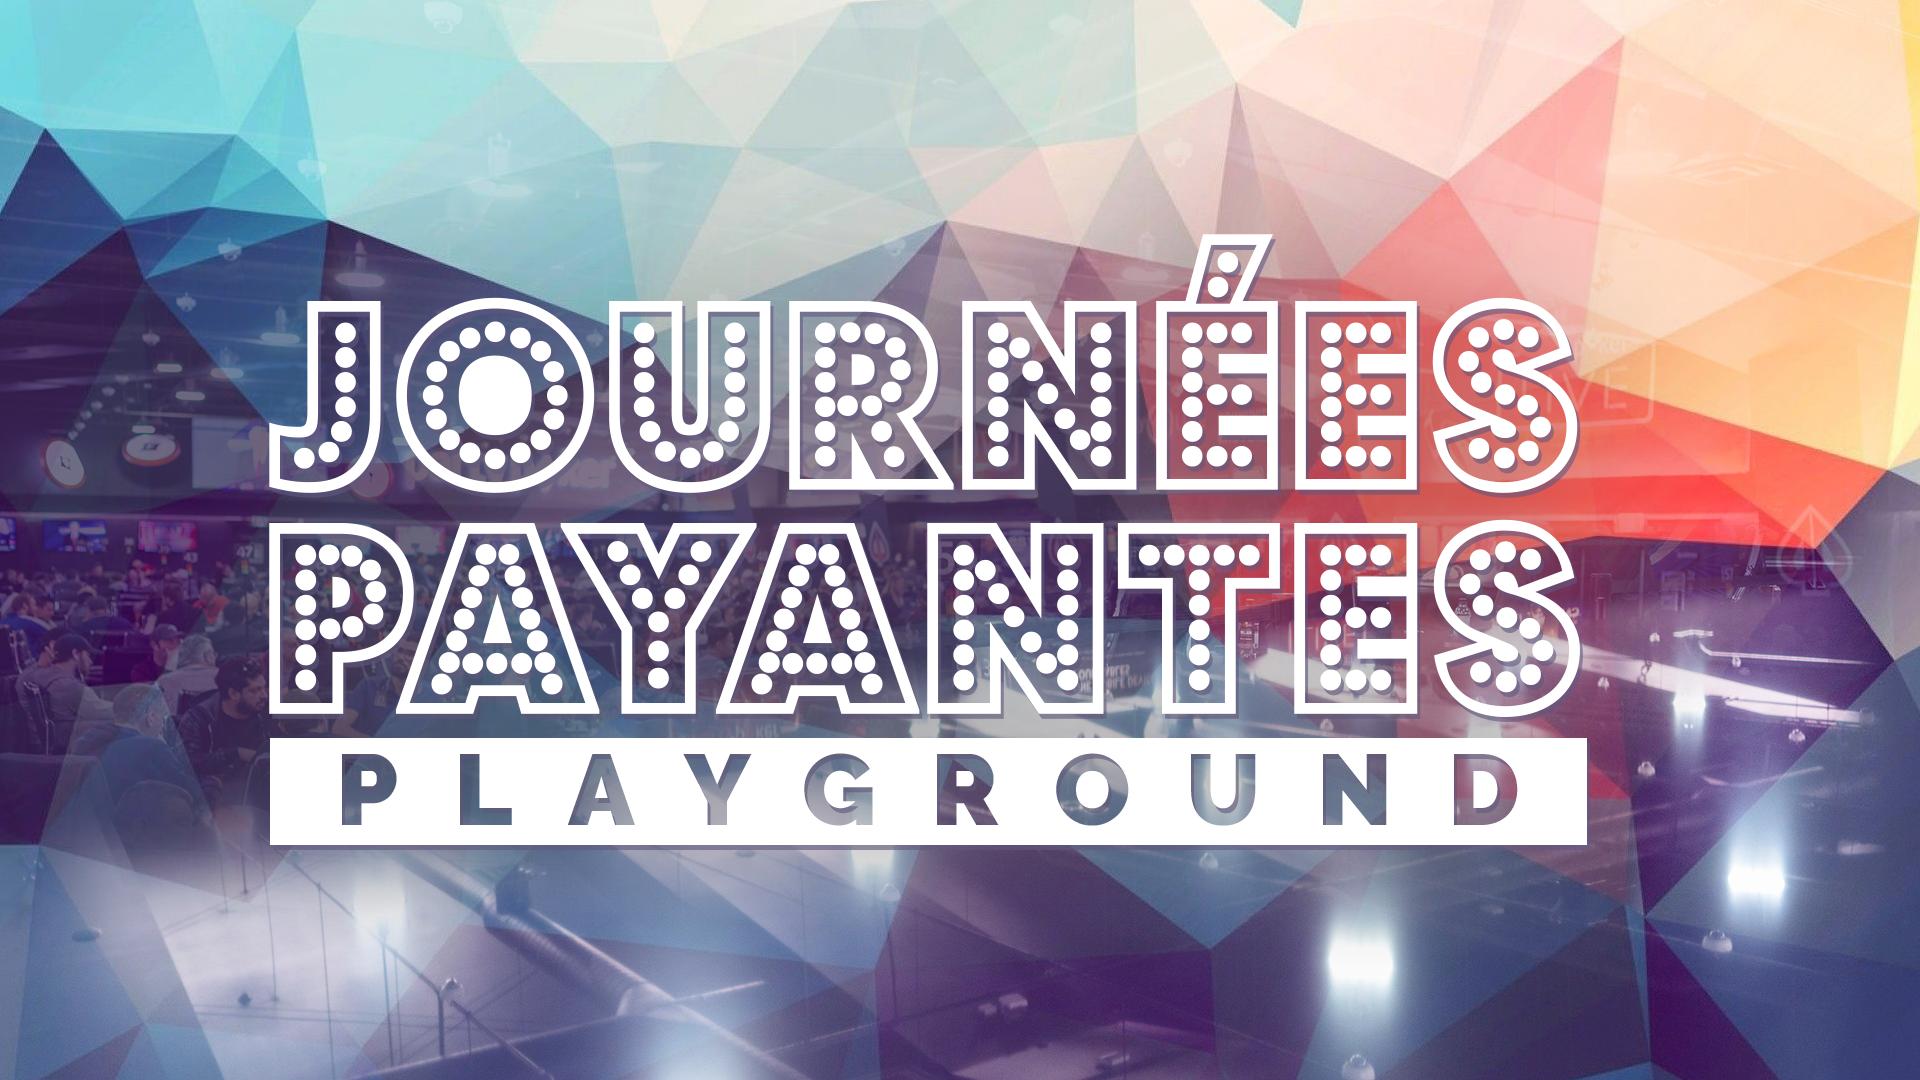 Les Journées Payantes Playground – La Nouvelle Gamme de Promotions